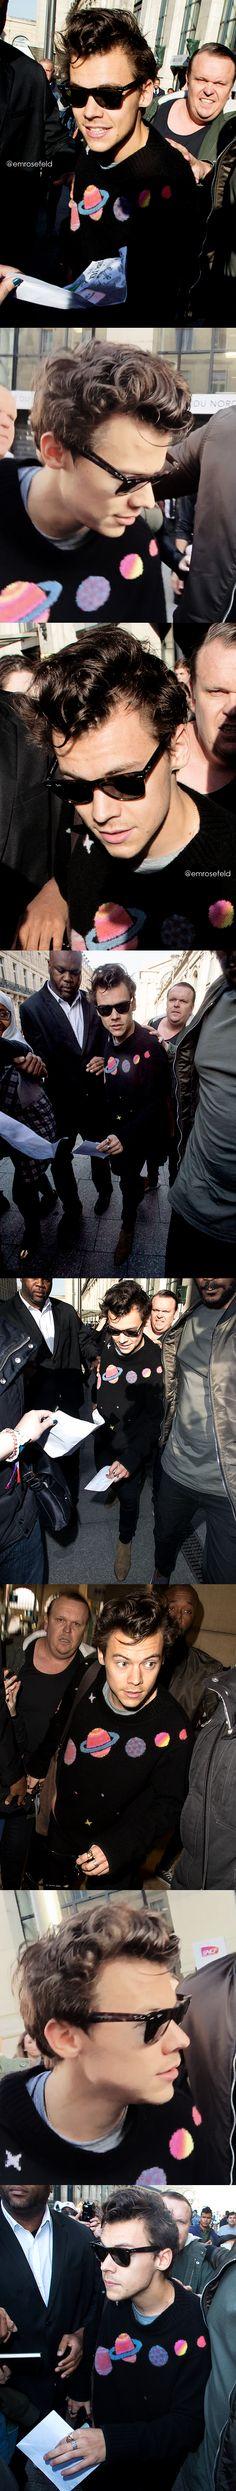 Harry Styles | arriving in Paris 10.25.17 | emrosefeld |